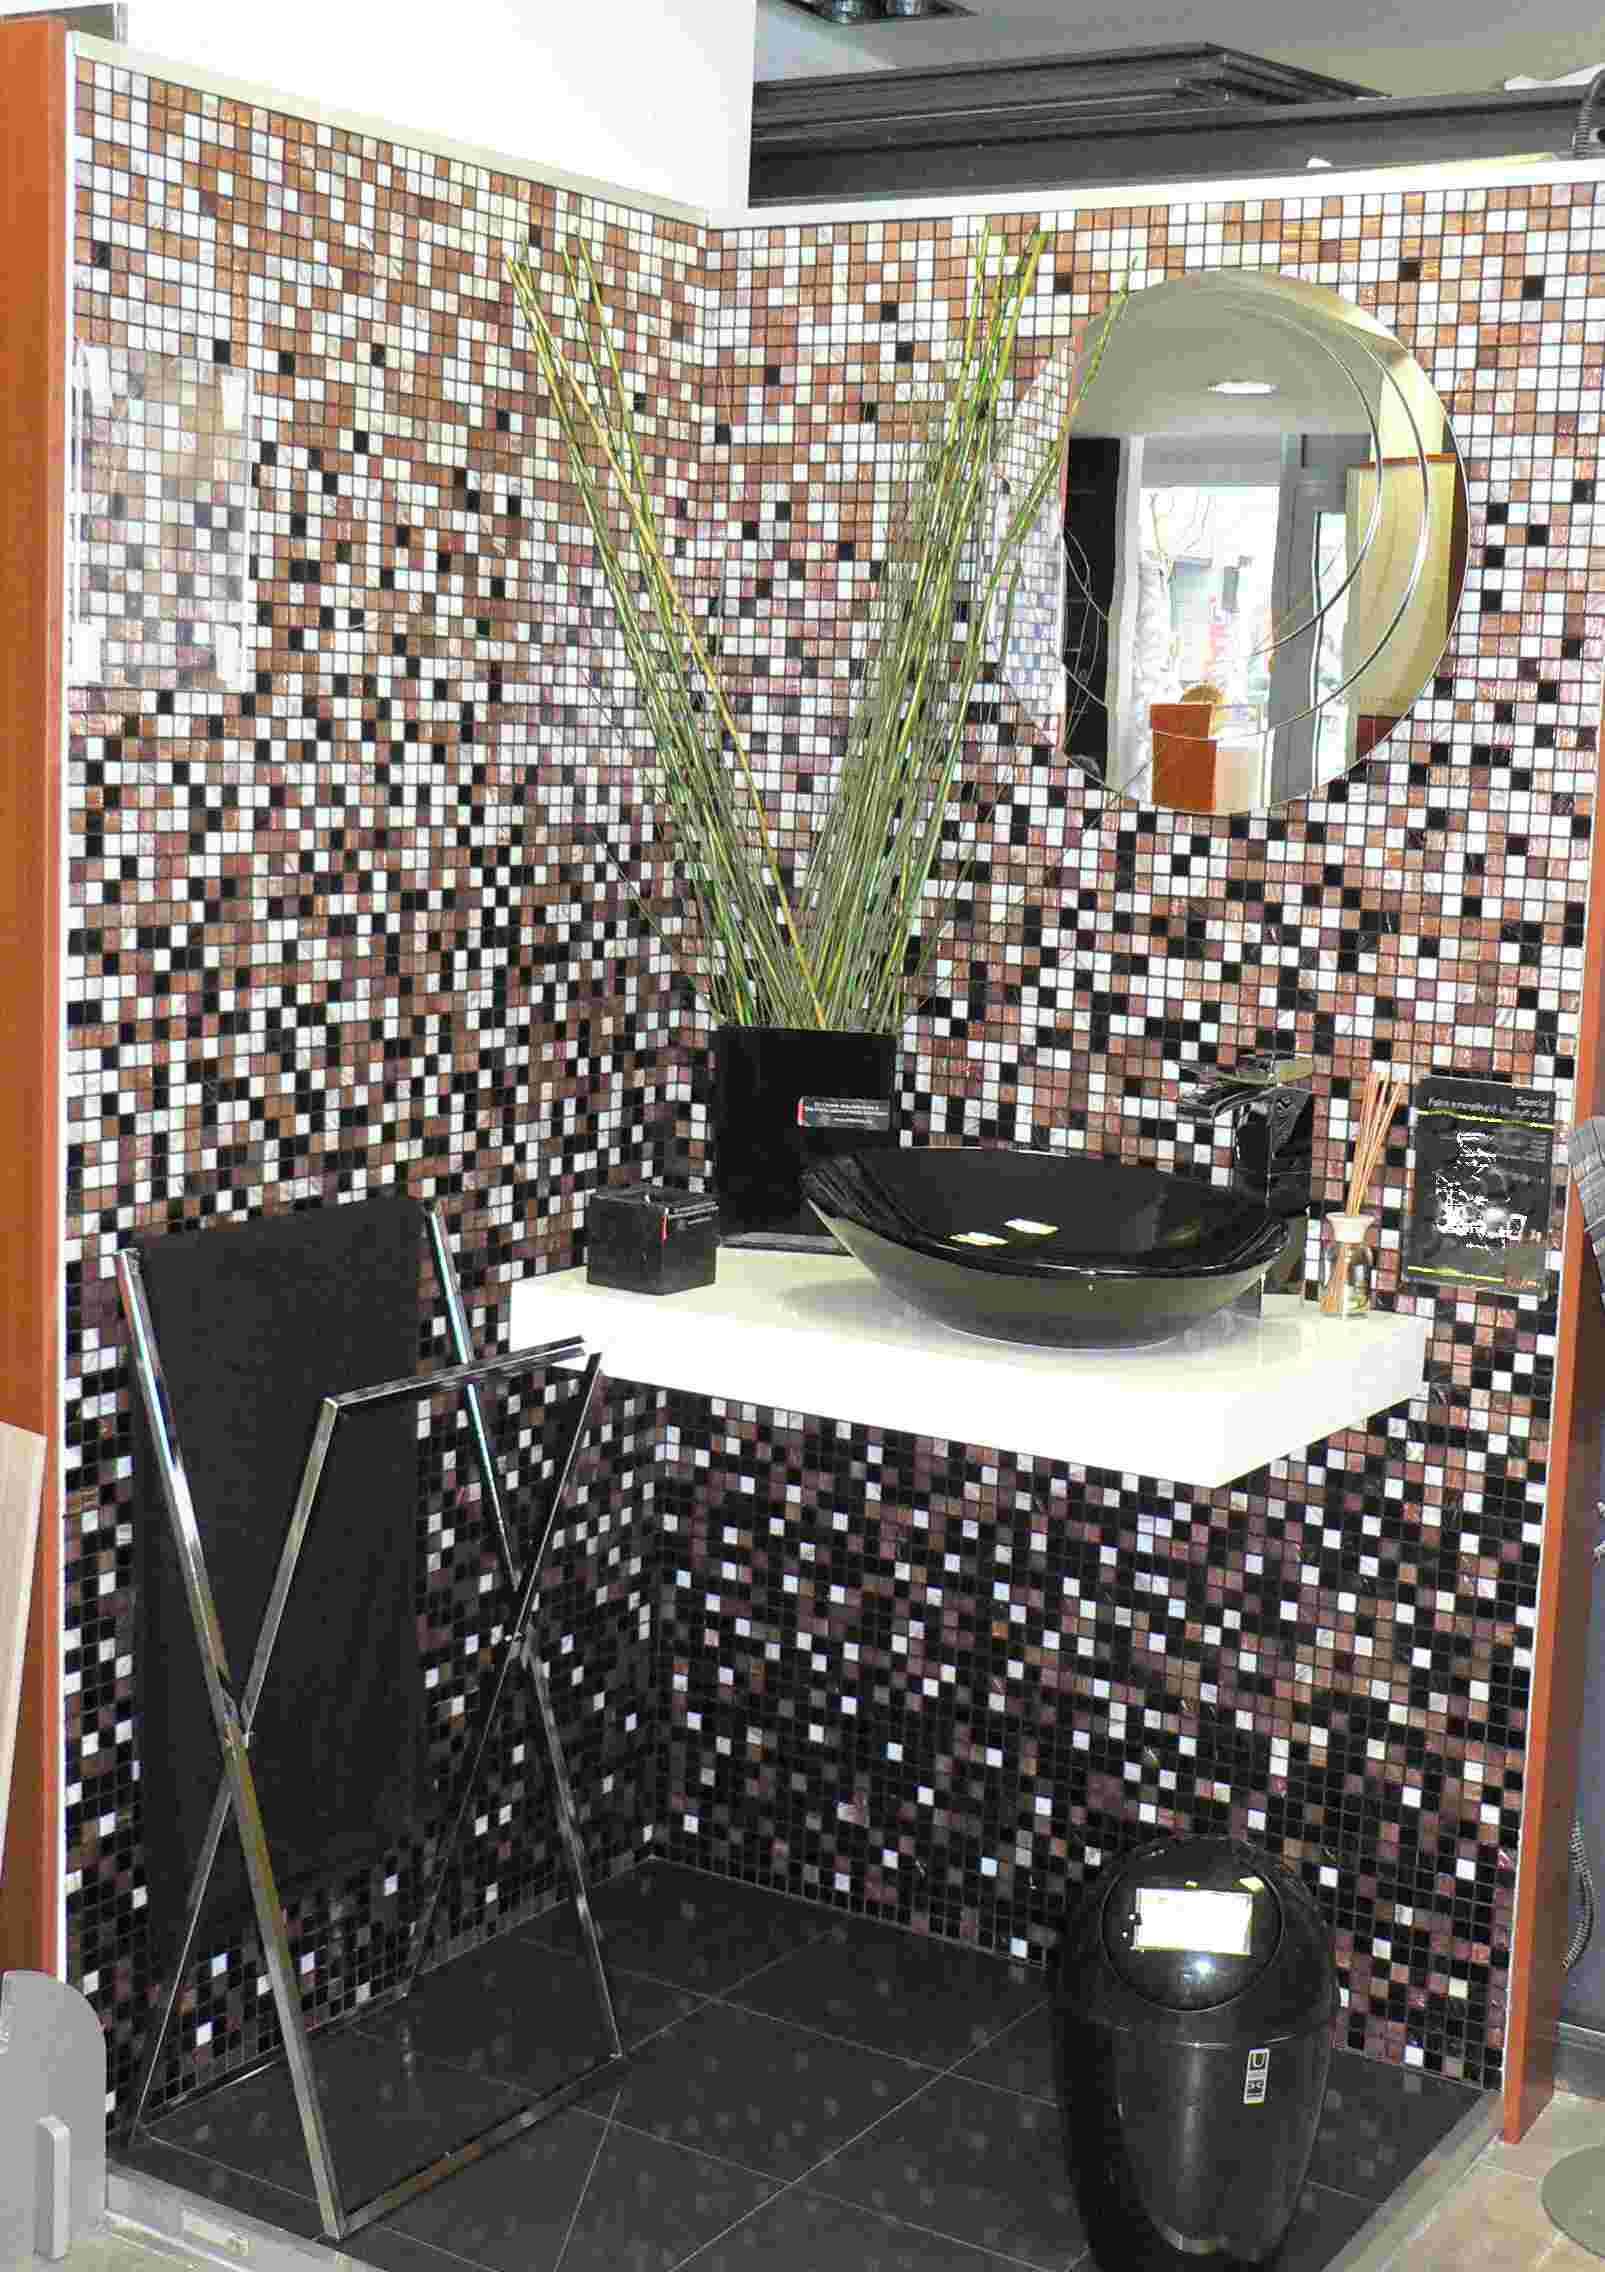 Mozaik Csempe Furdoszoba – Siamso.com